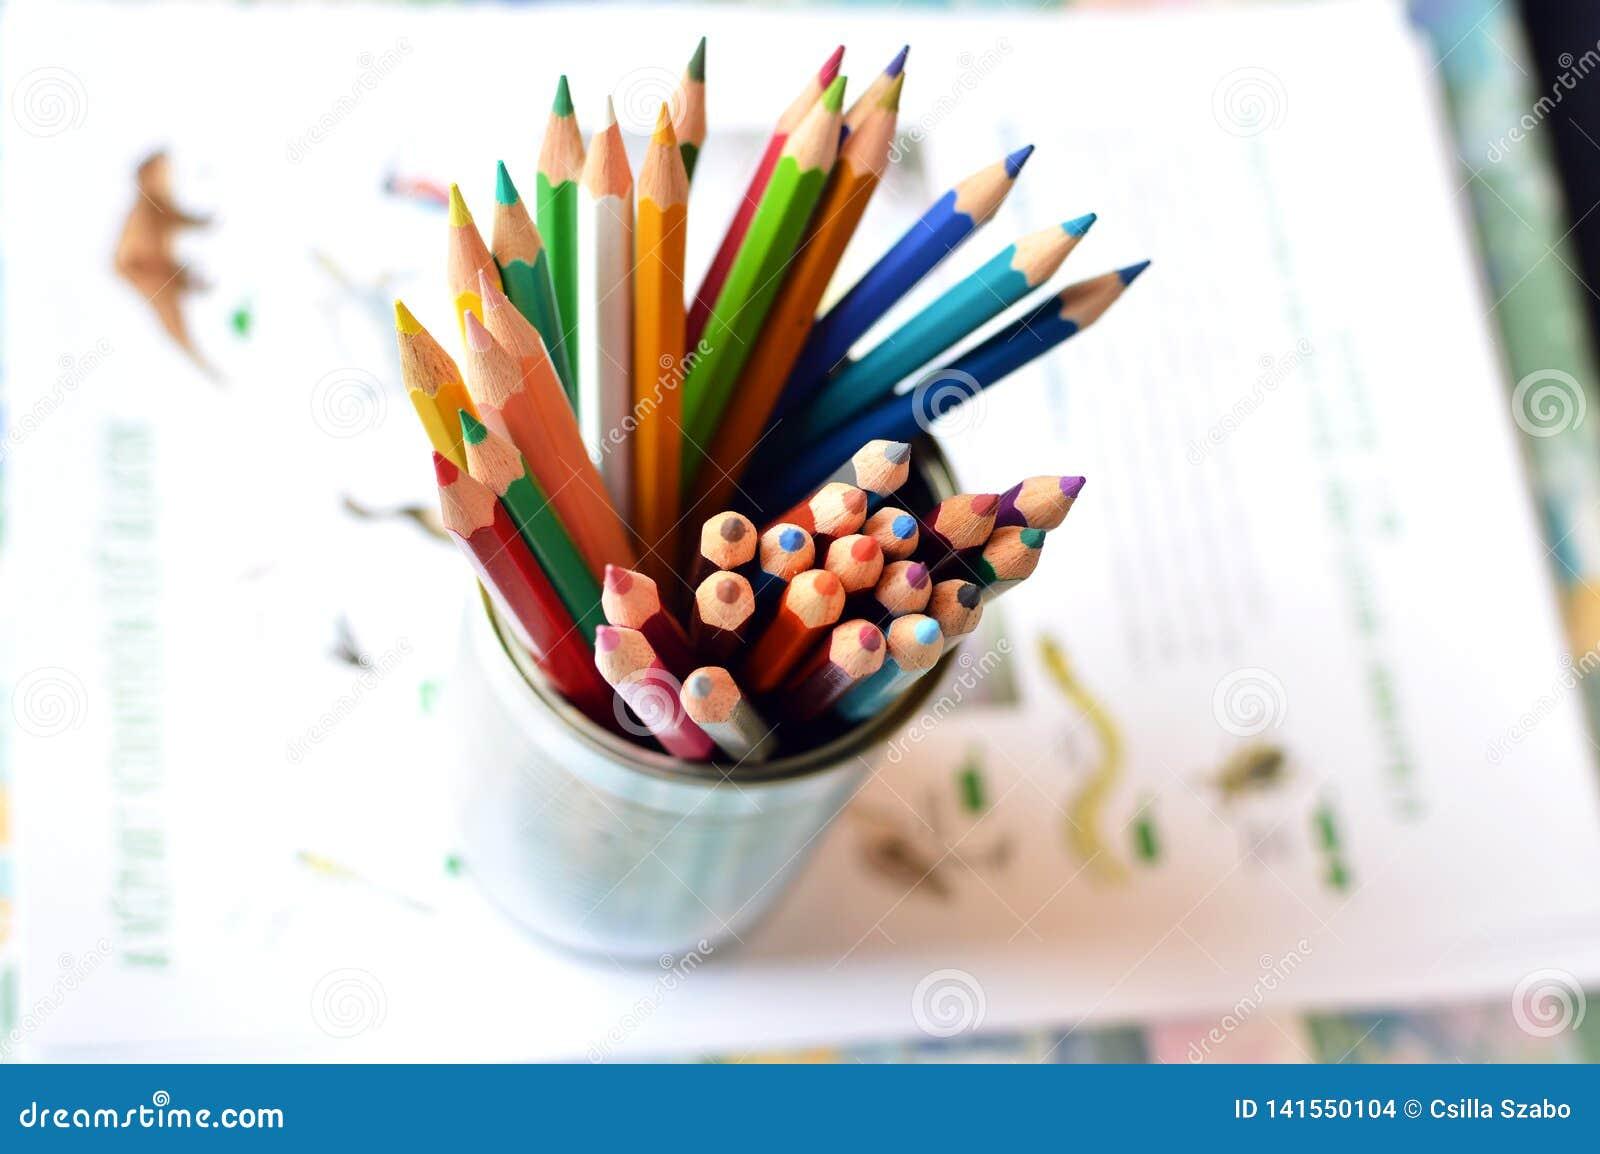 Odgórny strzał, zakończenie w górę różnych, używać, tępych, niedźwięcznych i zaprawionych barwionych ołówków na jaskrawym papieru